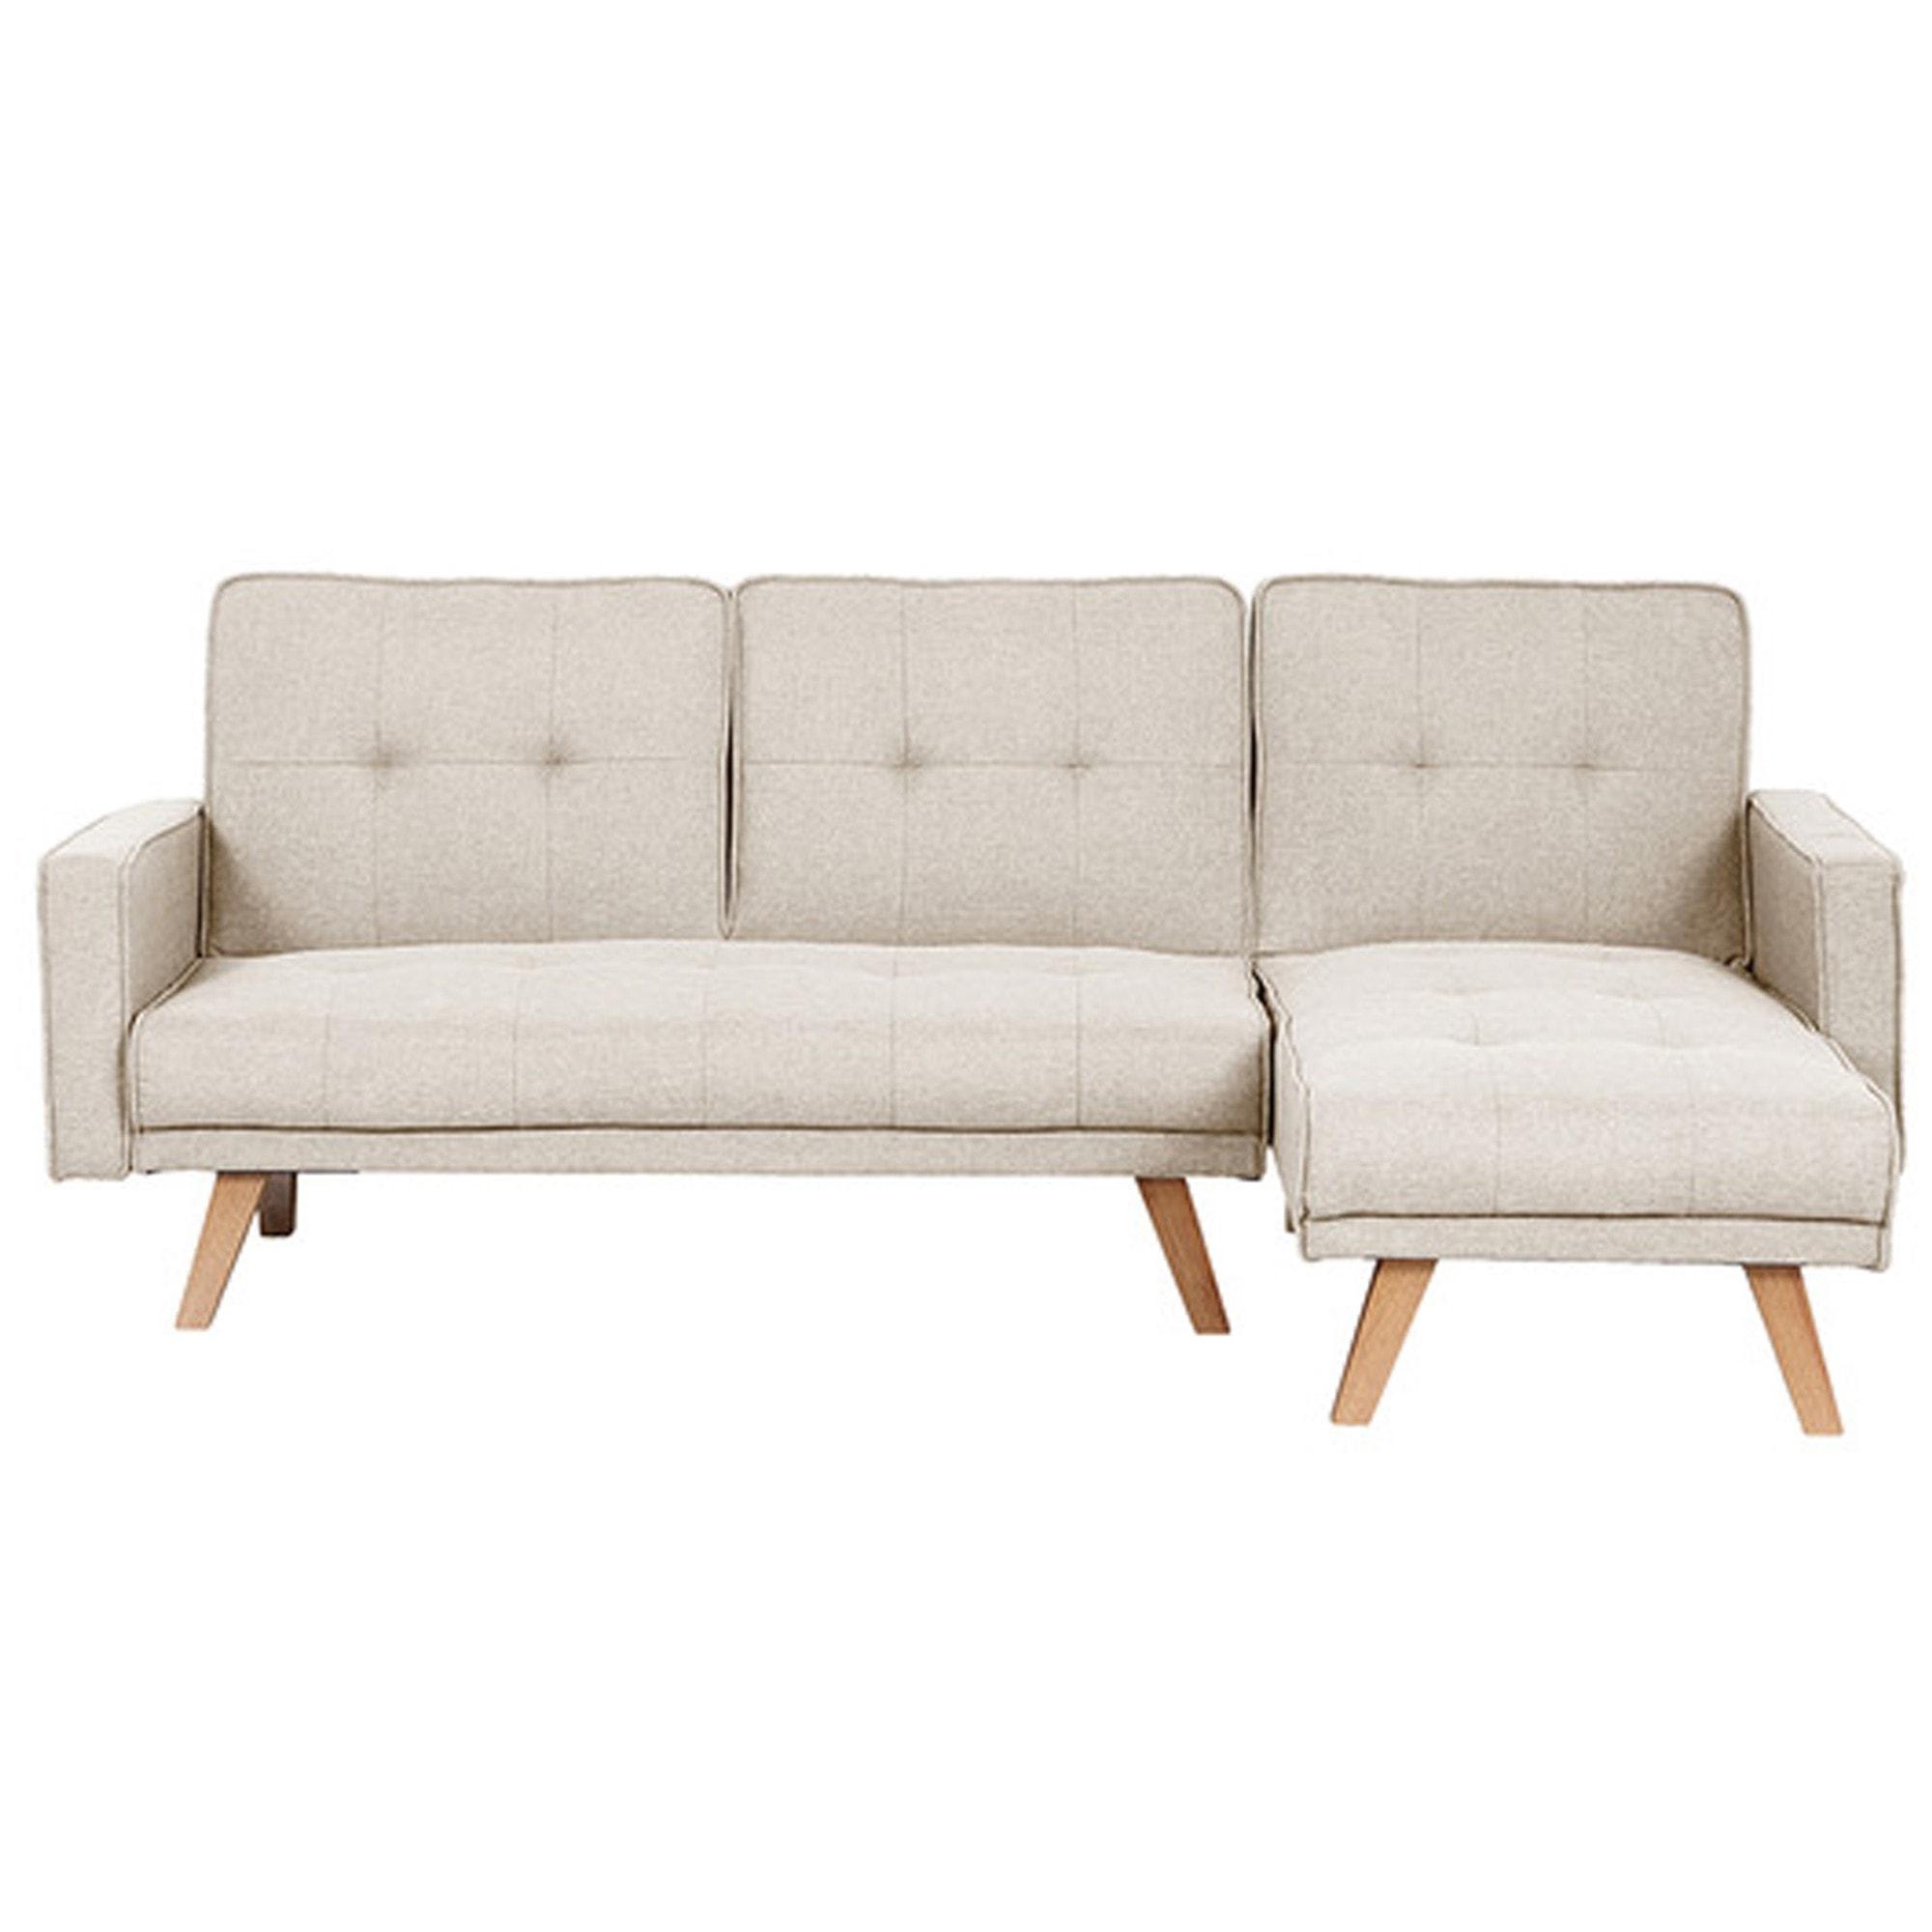 Kitson Beige Corner Sofa Bed